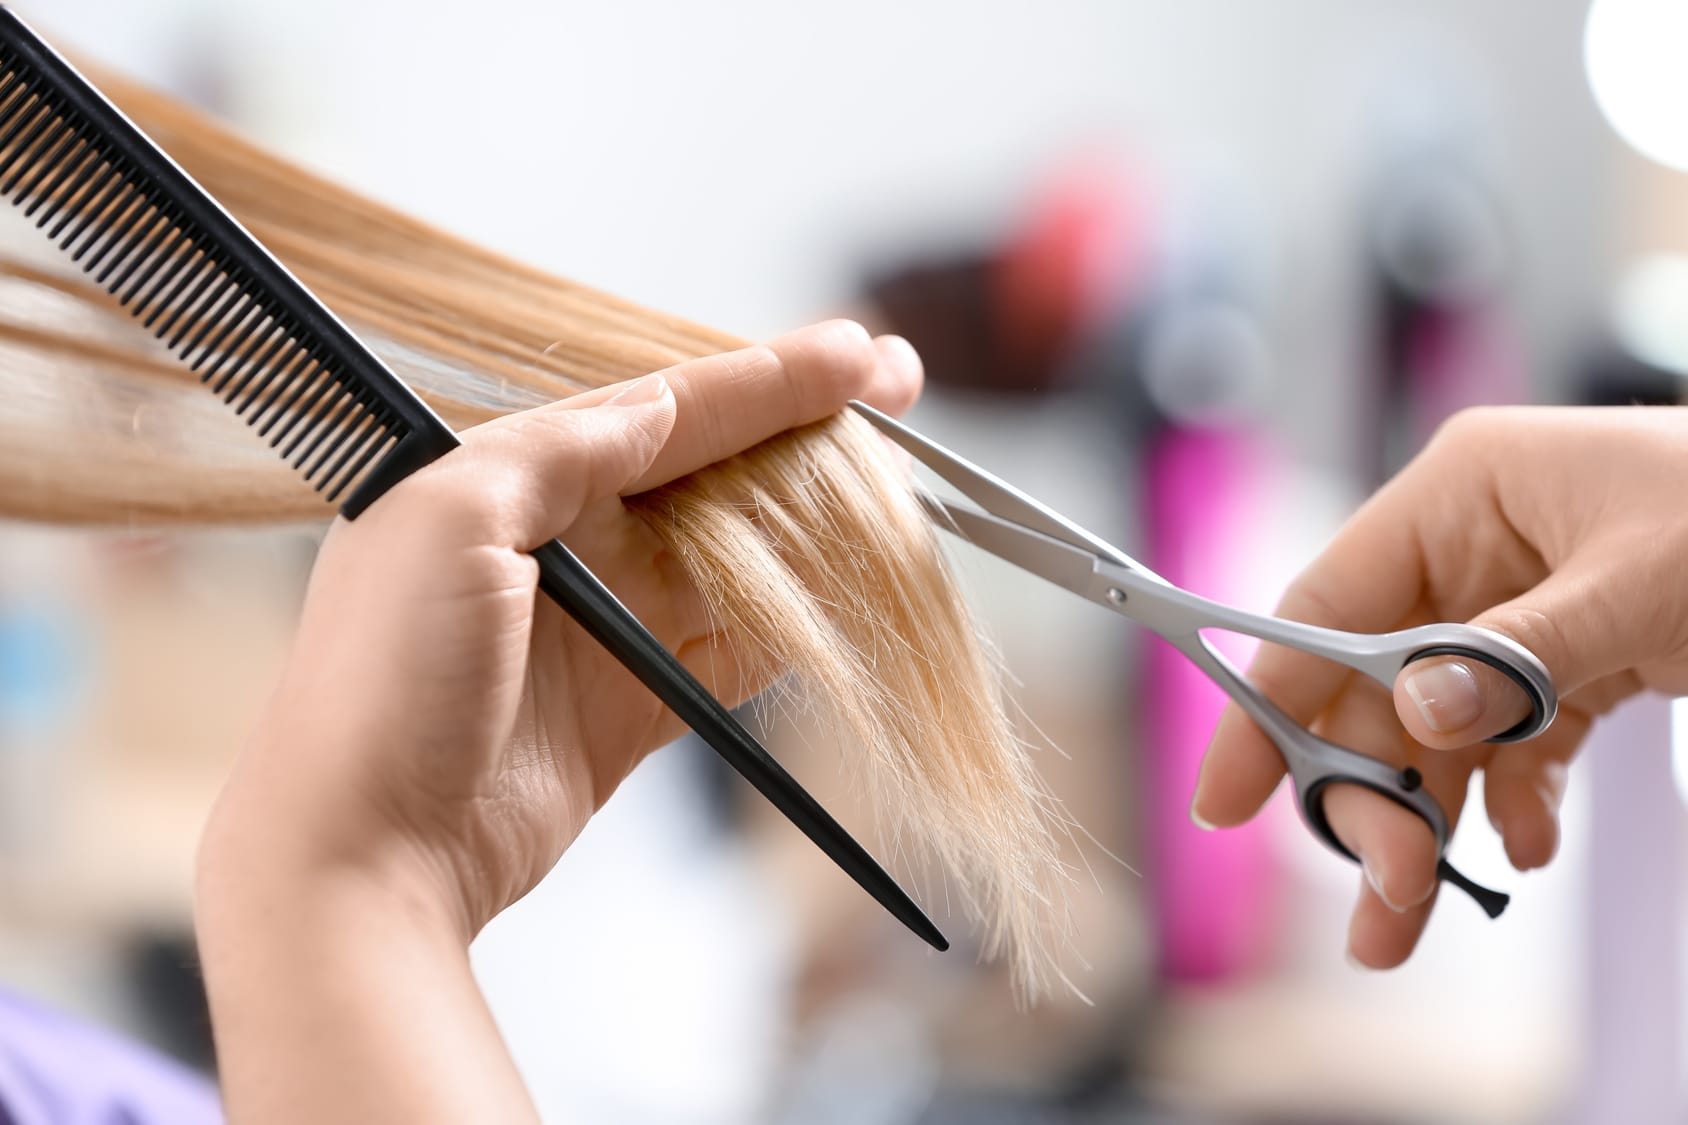 Haare selber schneiden – 6 Tipps & Tricks